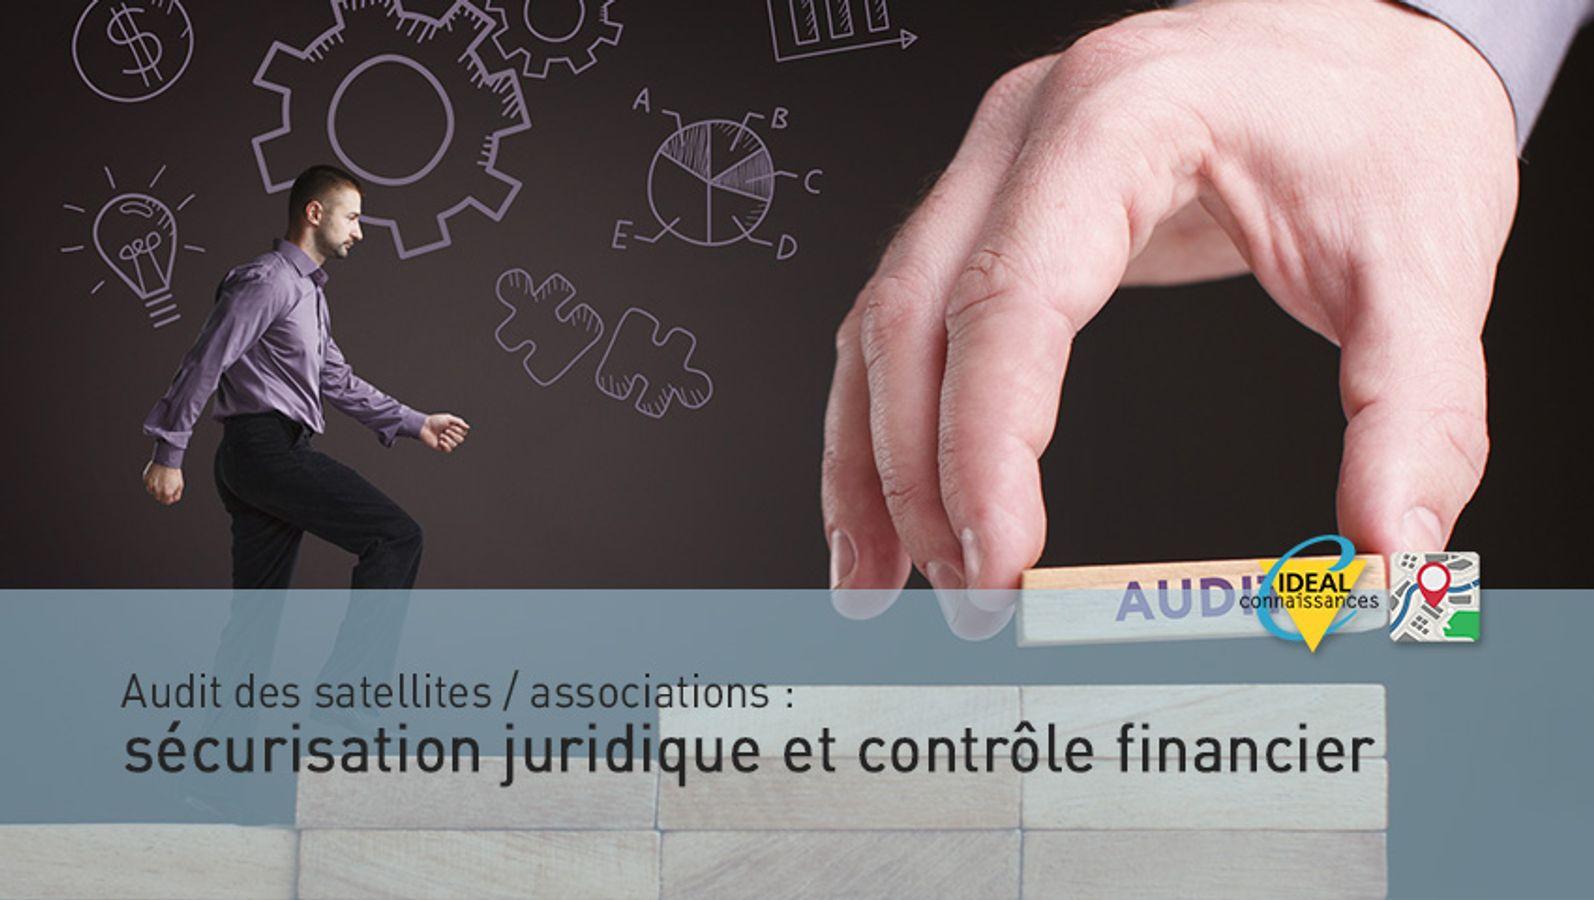 Audit des satellites / associations: sécurisation juridique et contrôle financier